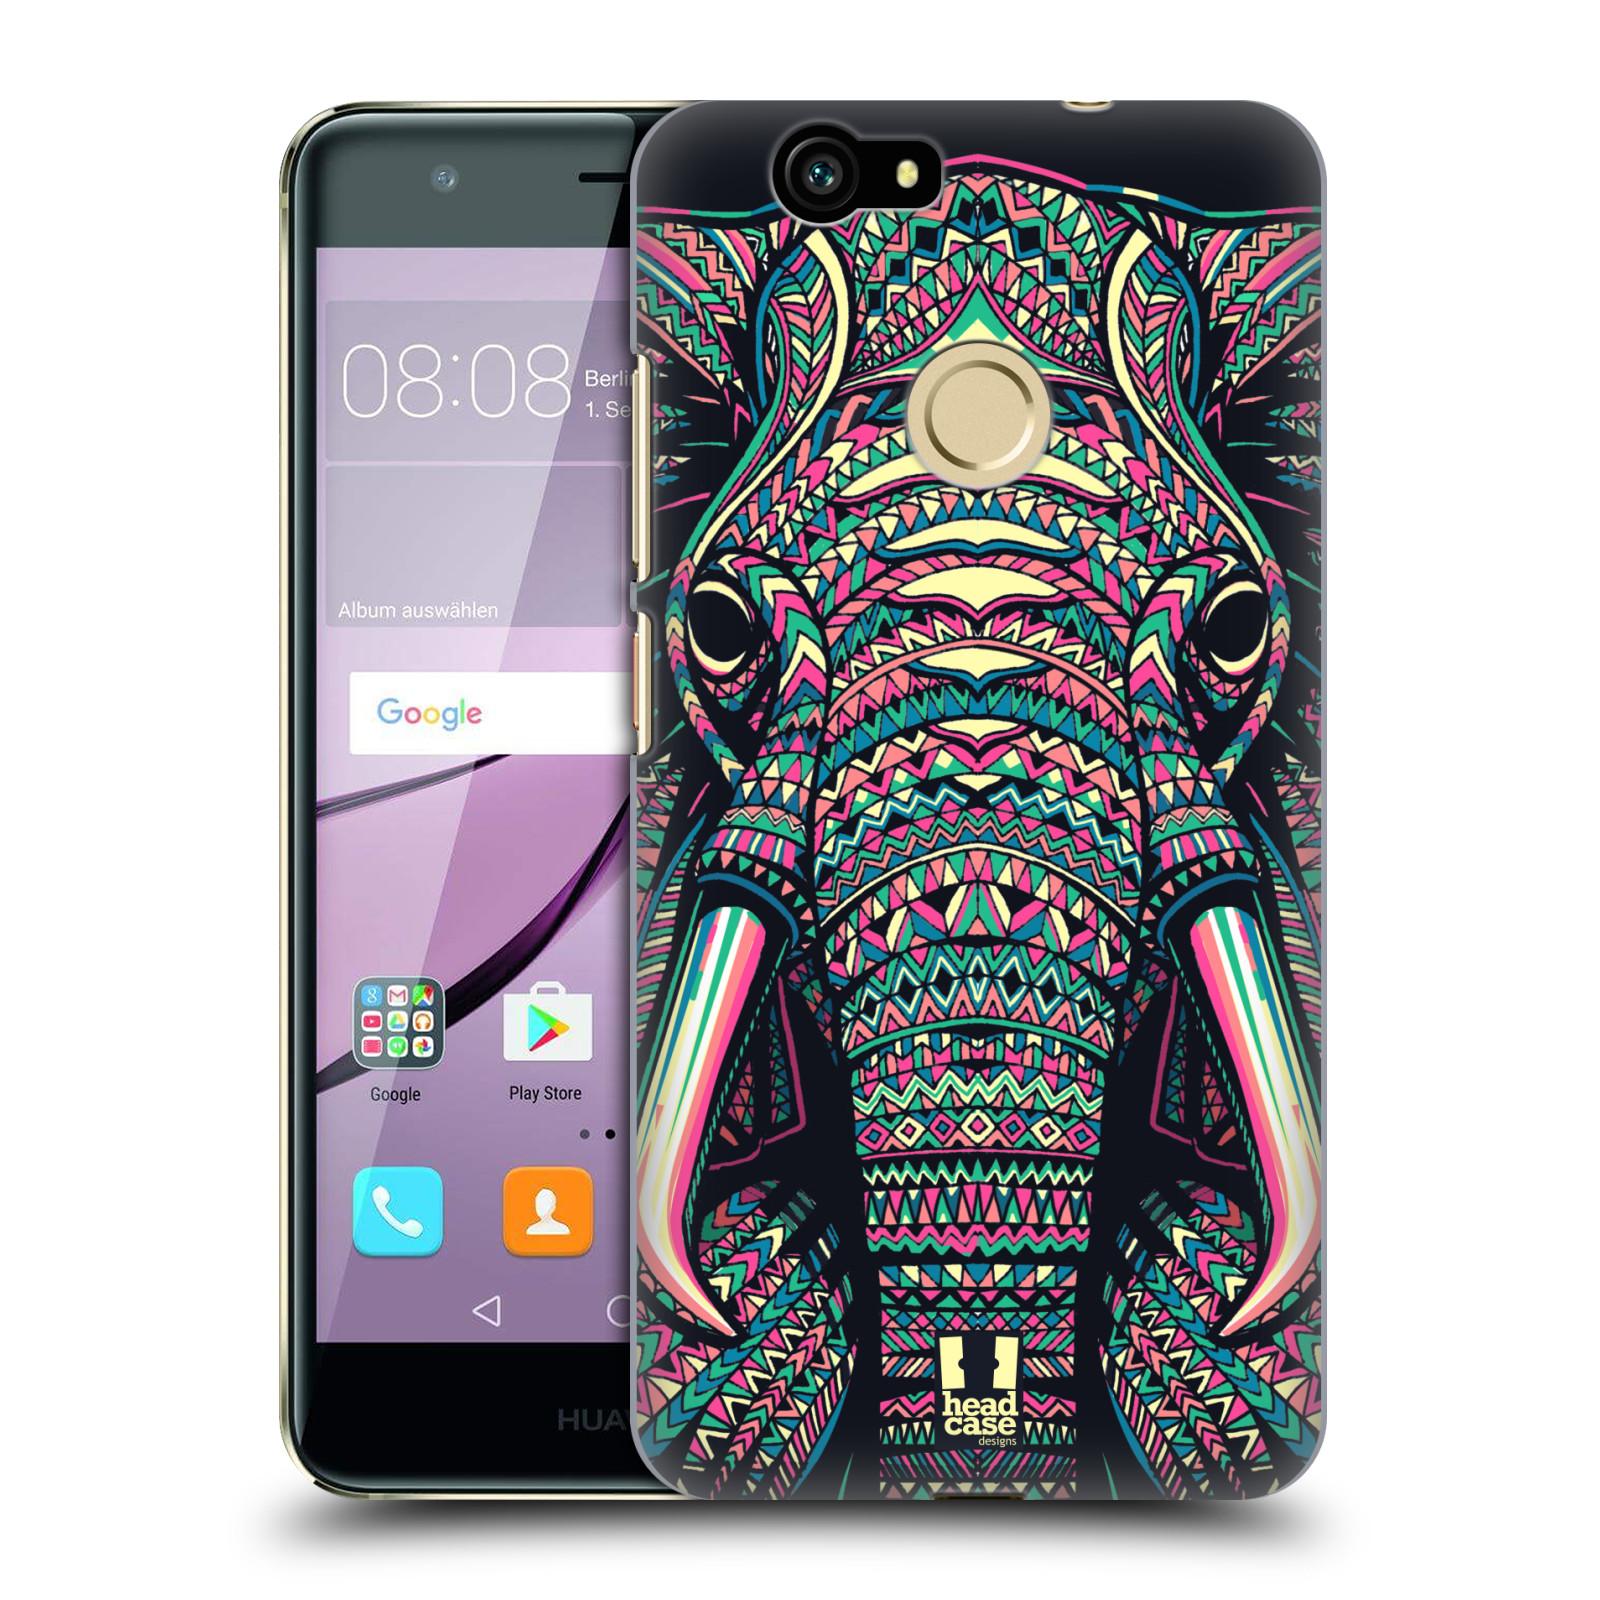 HEAD CASE silikonový obal na mobil Huawei NOVA / NOVA DUAL SIM vzor Aztécký motiv zvíře 2 slon